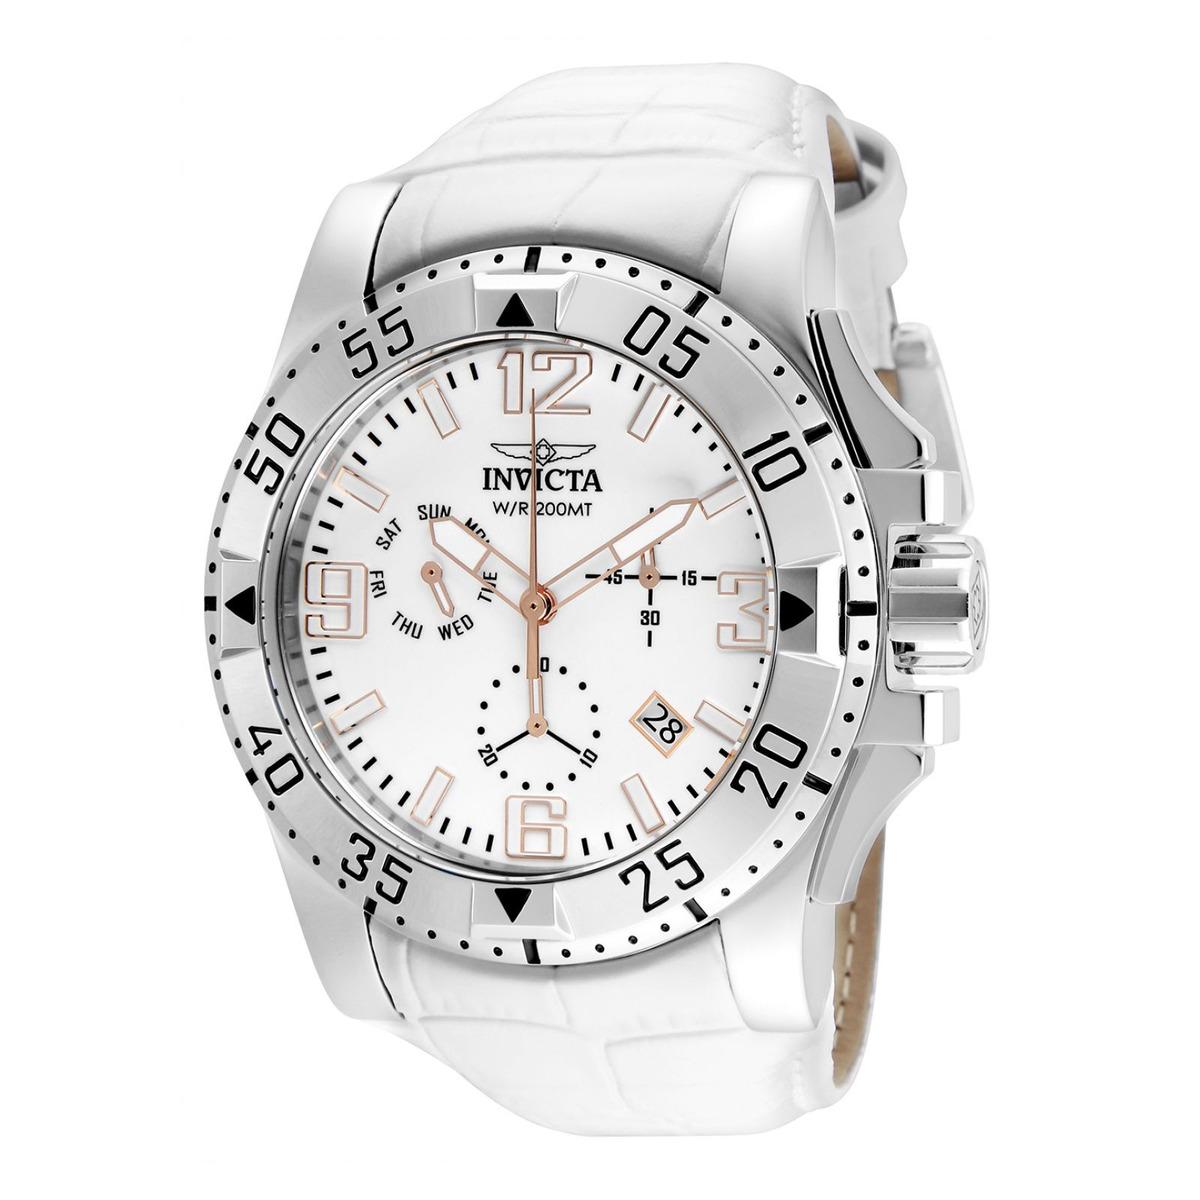 15bf5053c0b6 Reloj Invicta 24352 Cuero Blanco Hombre -   749.900 en Mercado Libre